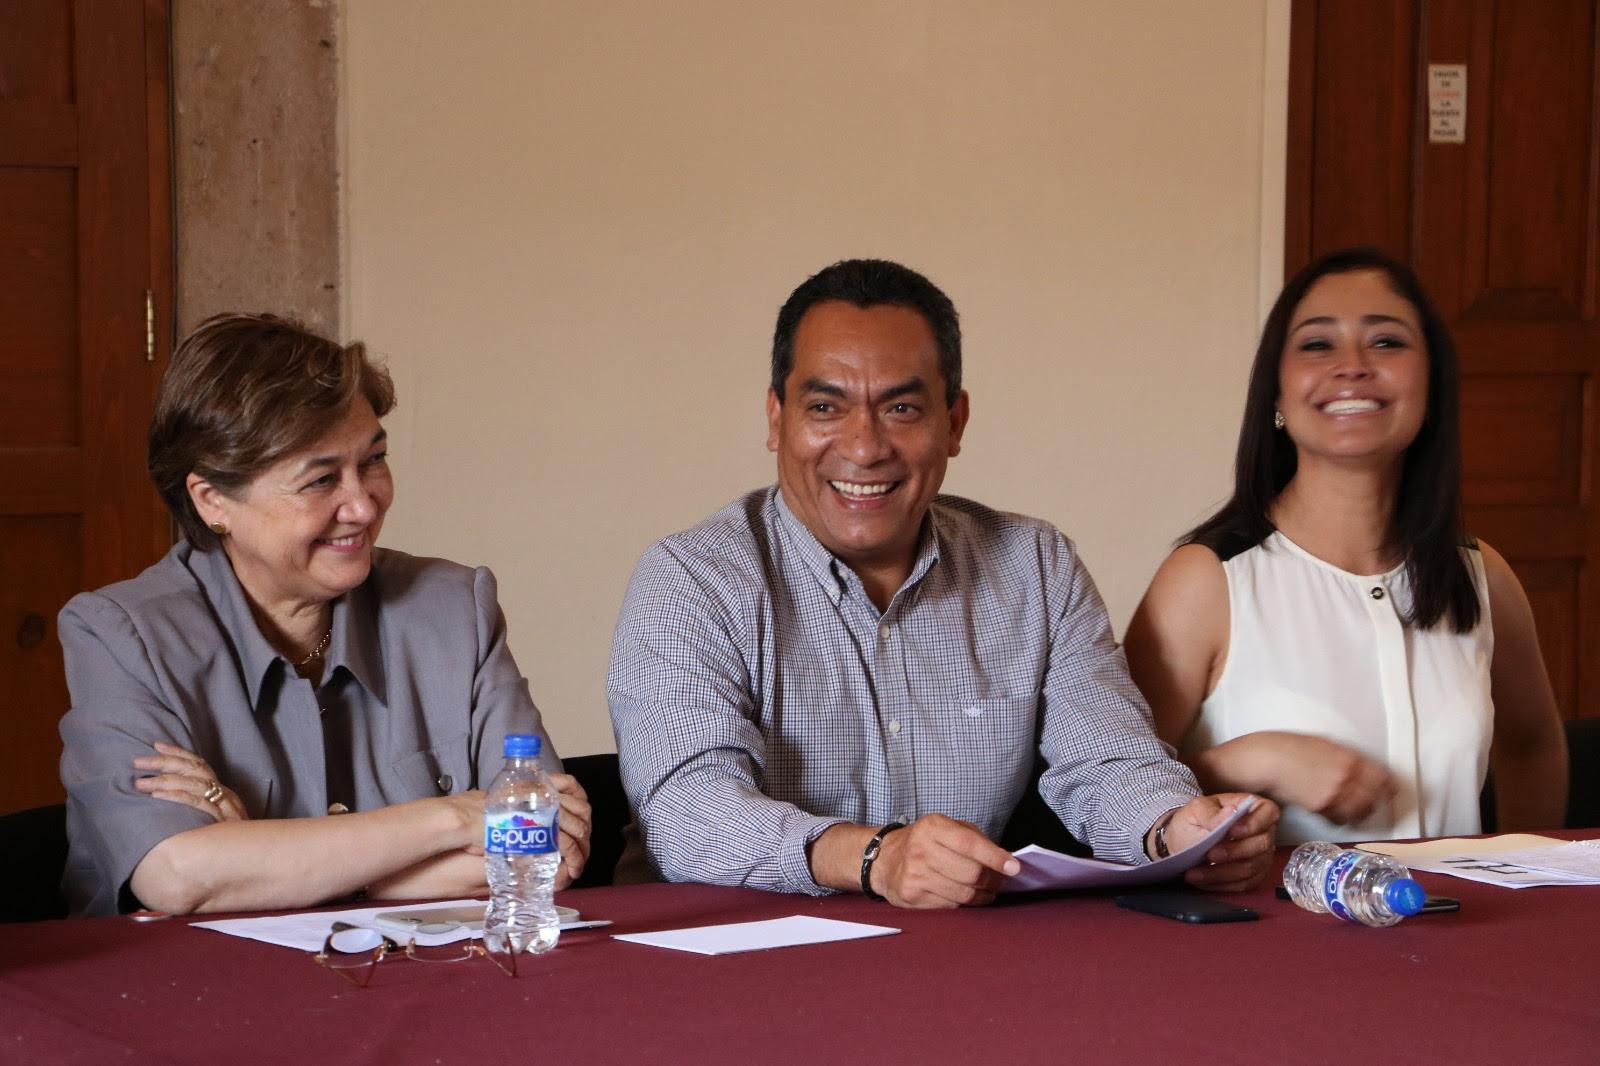 El programa Beca Futuro permitirá tener más jóvenes en las escuelas y no a merced de la delincuencia: López Solís